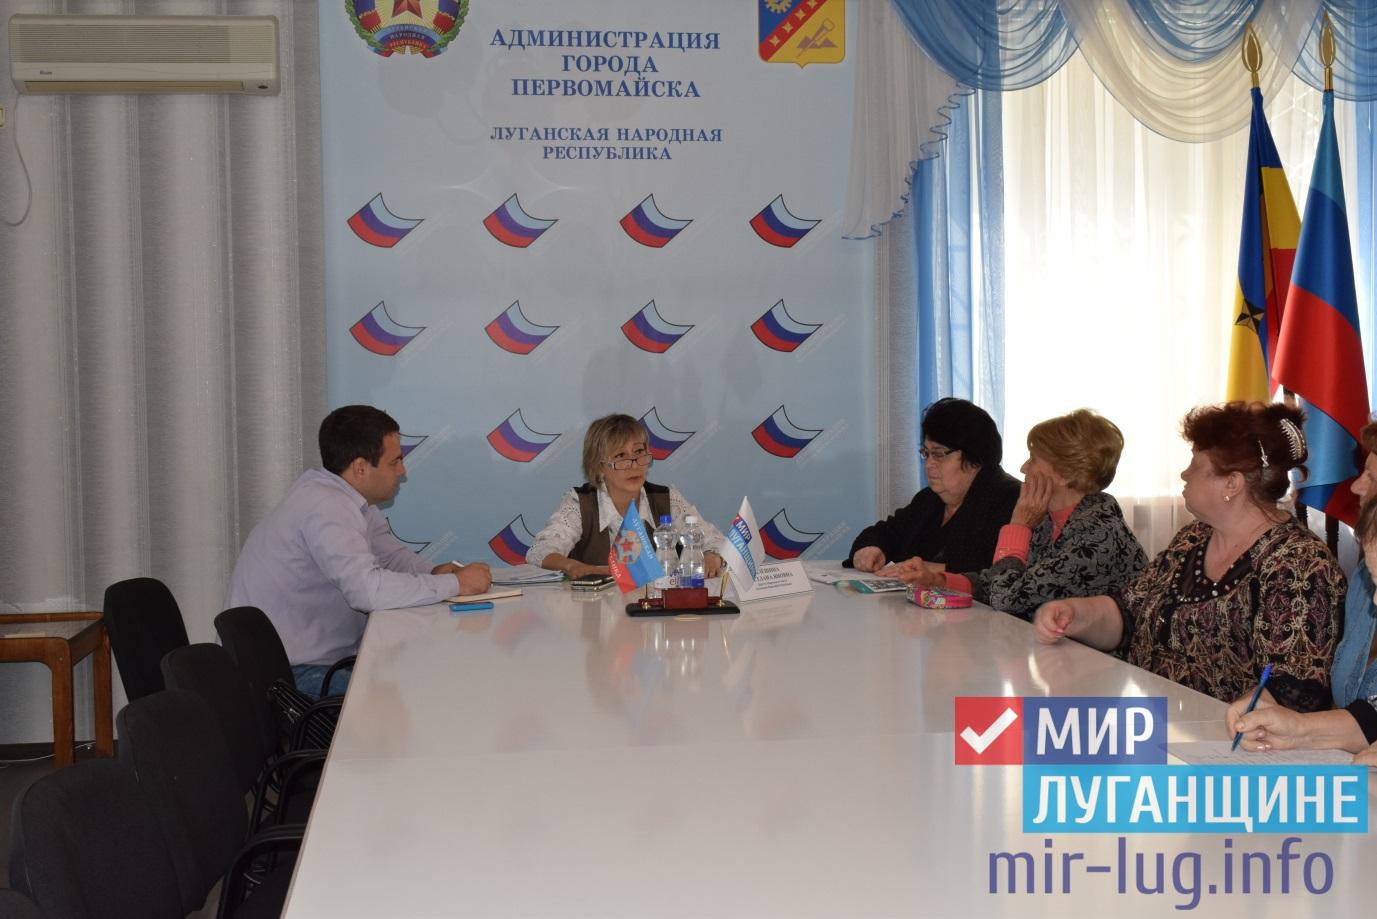 Светлана Алешина провела личный прием граждан в Первомайске 1